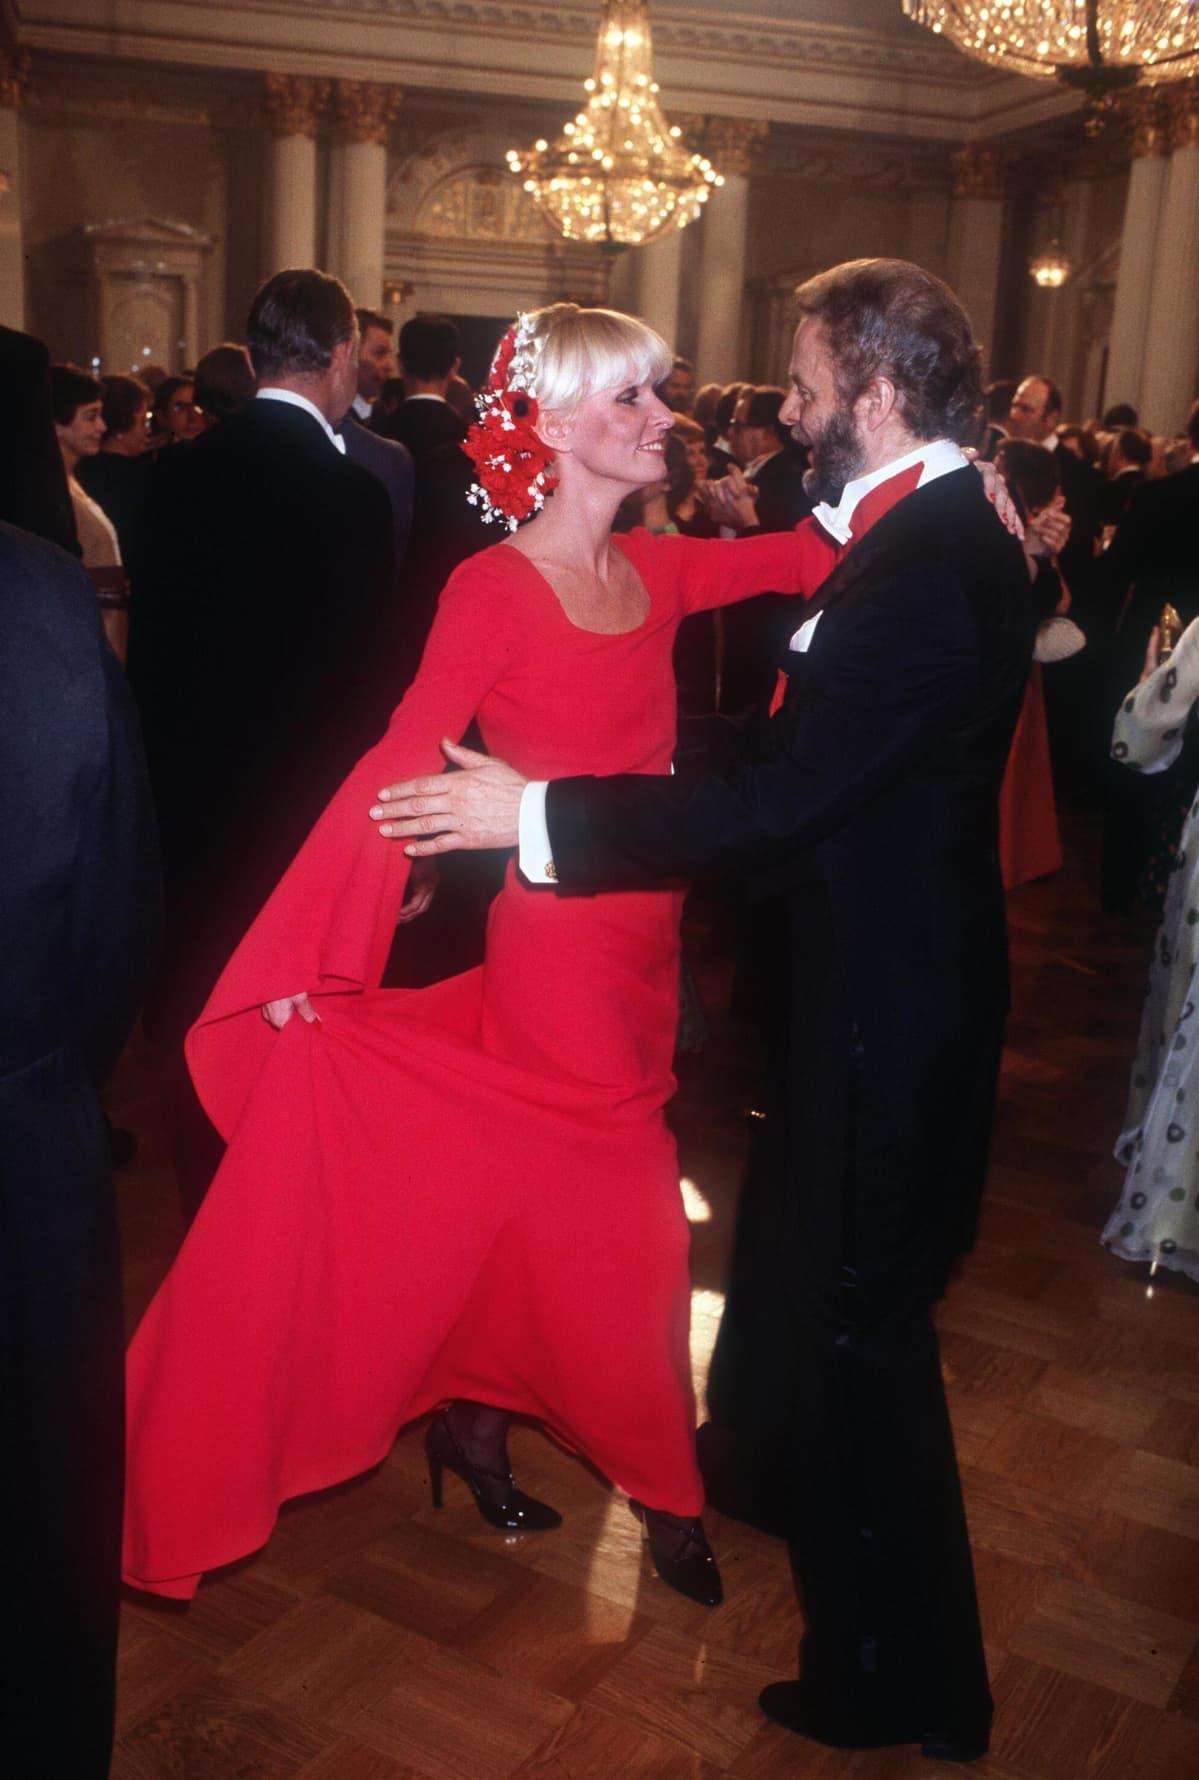 Vuoden 1977 vastaanotolla Marjatta Sarpaneva ihastutti veistoksellisessa punaisessa puvussa puolisonsa Timo Sarpanevan rinnalla.